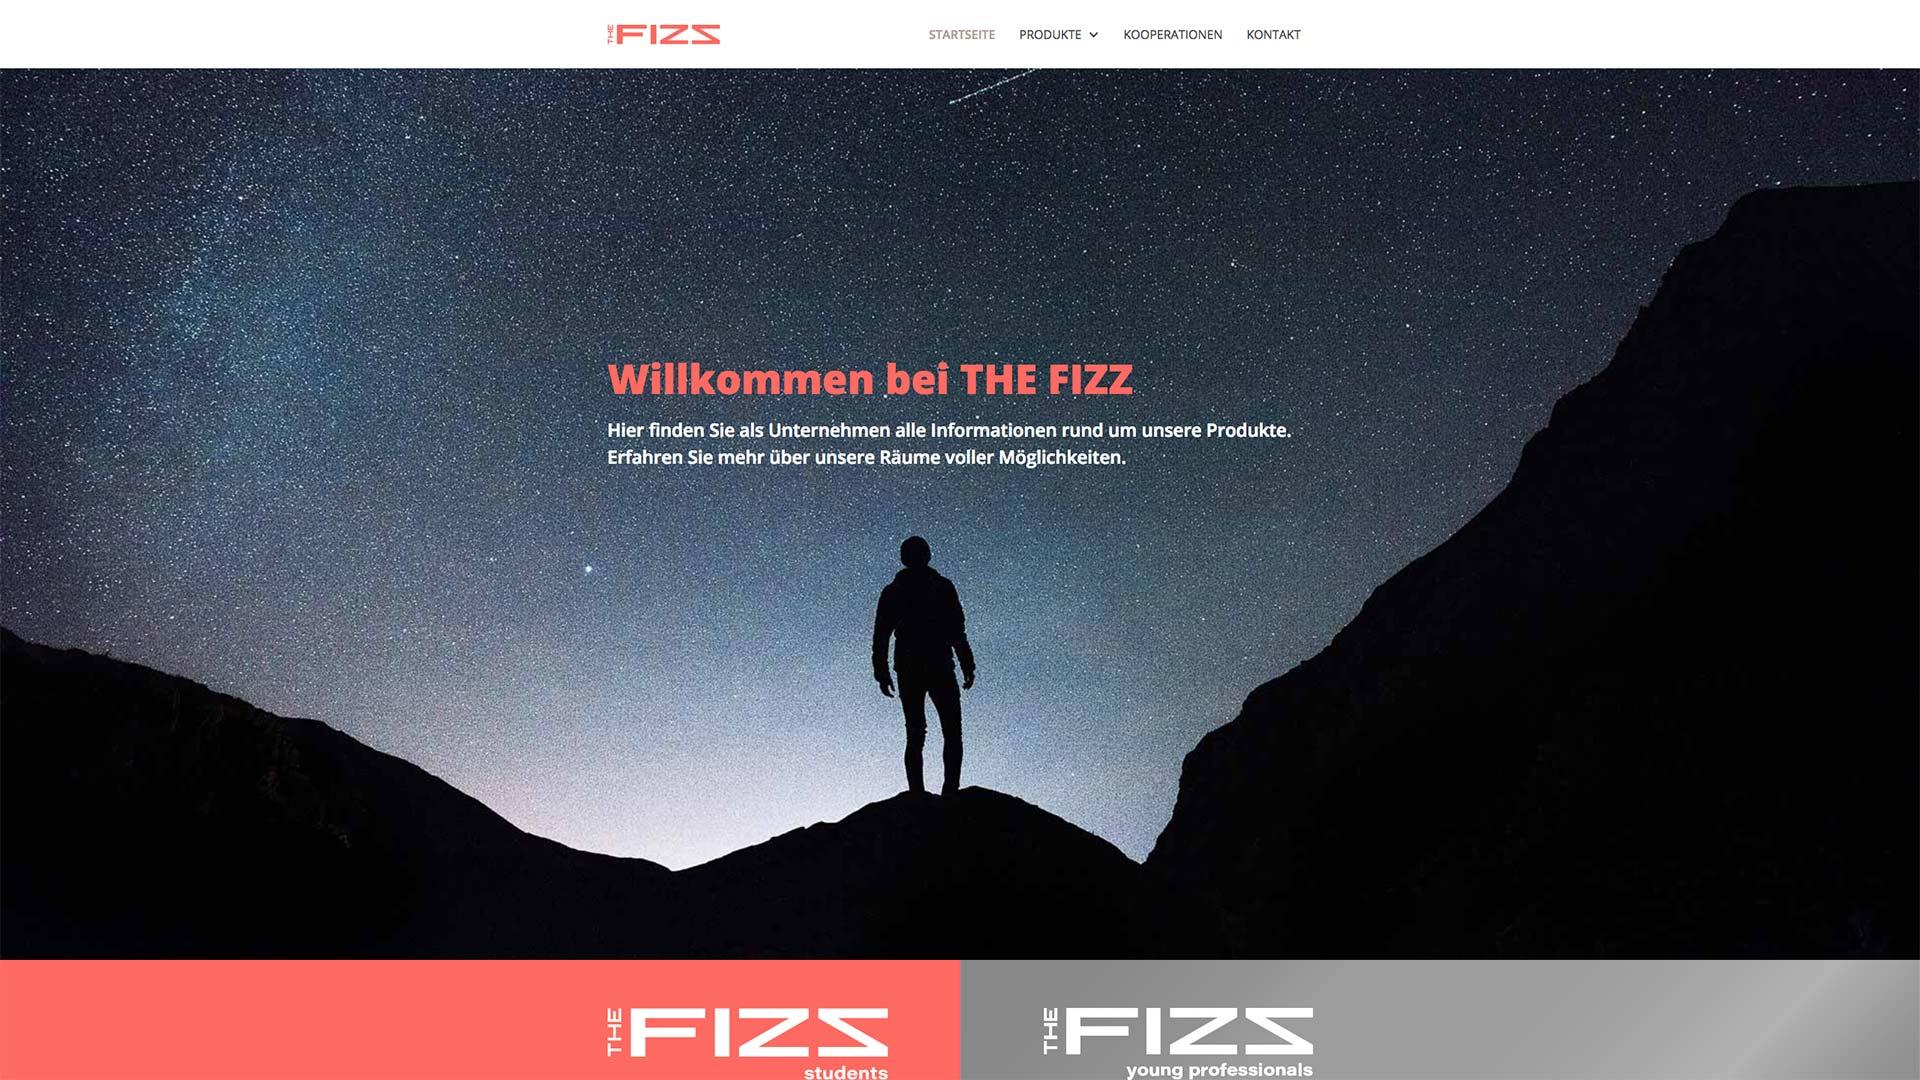 Eröffnungsbild der THE FIZZ business